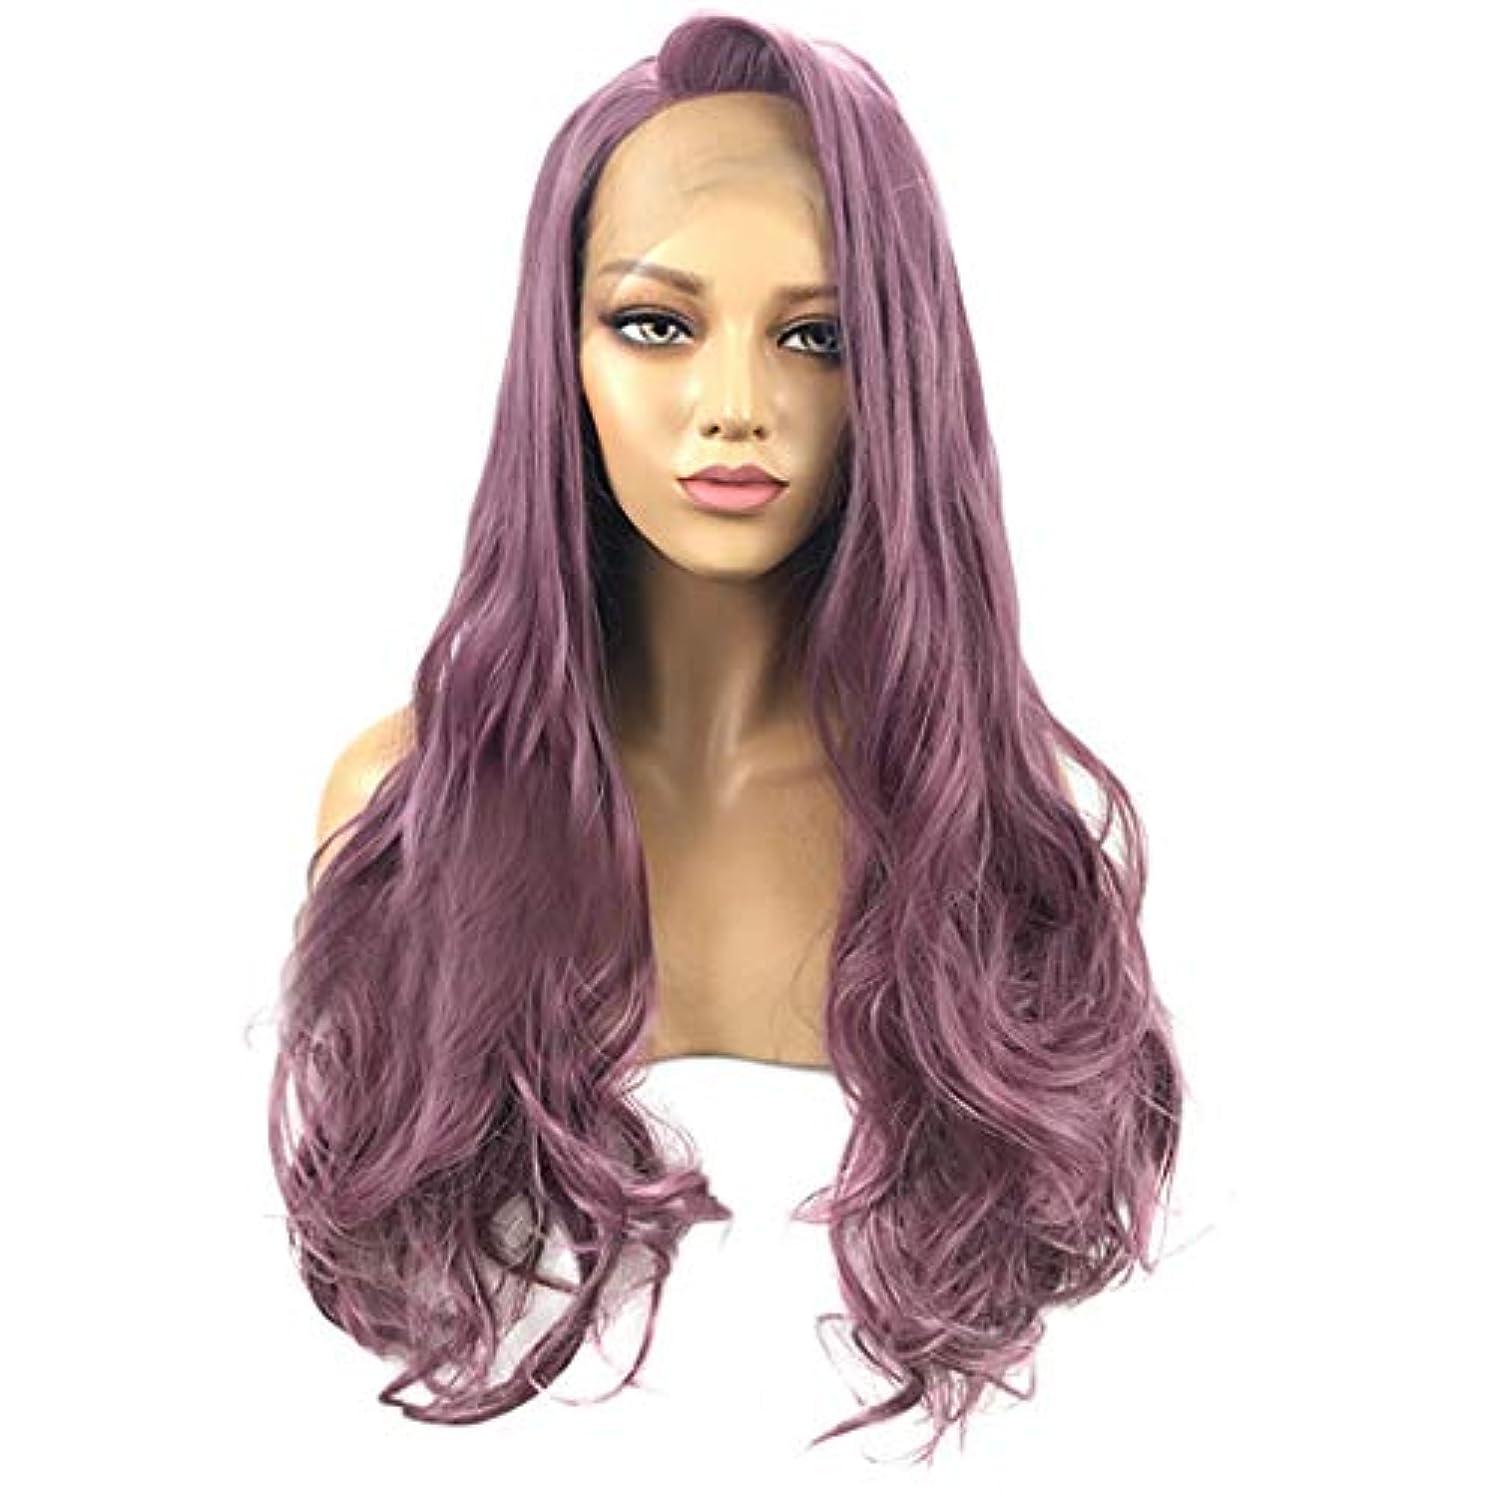 休み狼もっと少なくFuku つけ毛 紫色のレースフロントかつら女性の長い総合的な現実的な波状グルーレス髪の交換かつら26